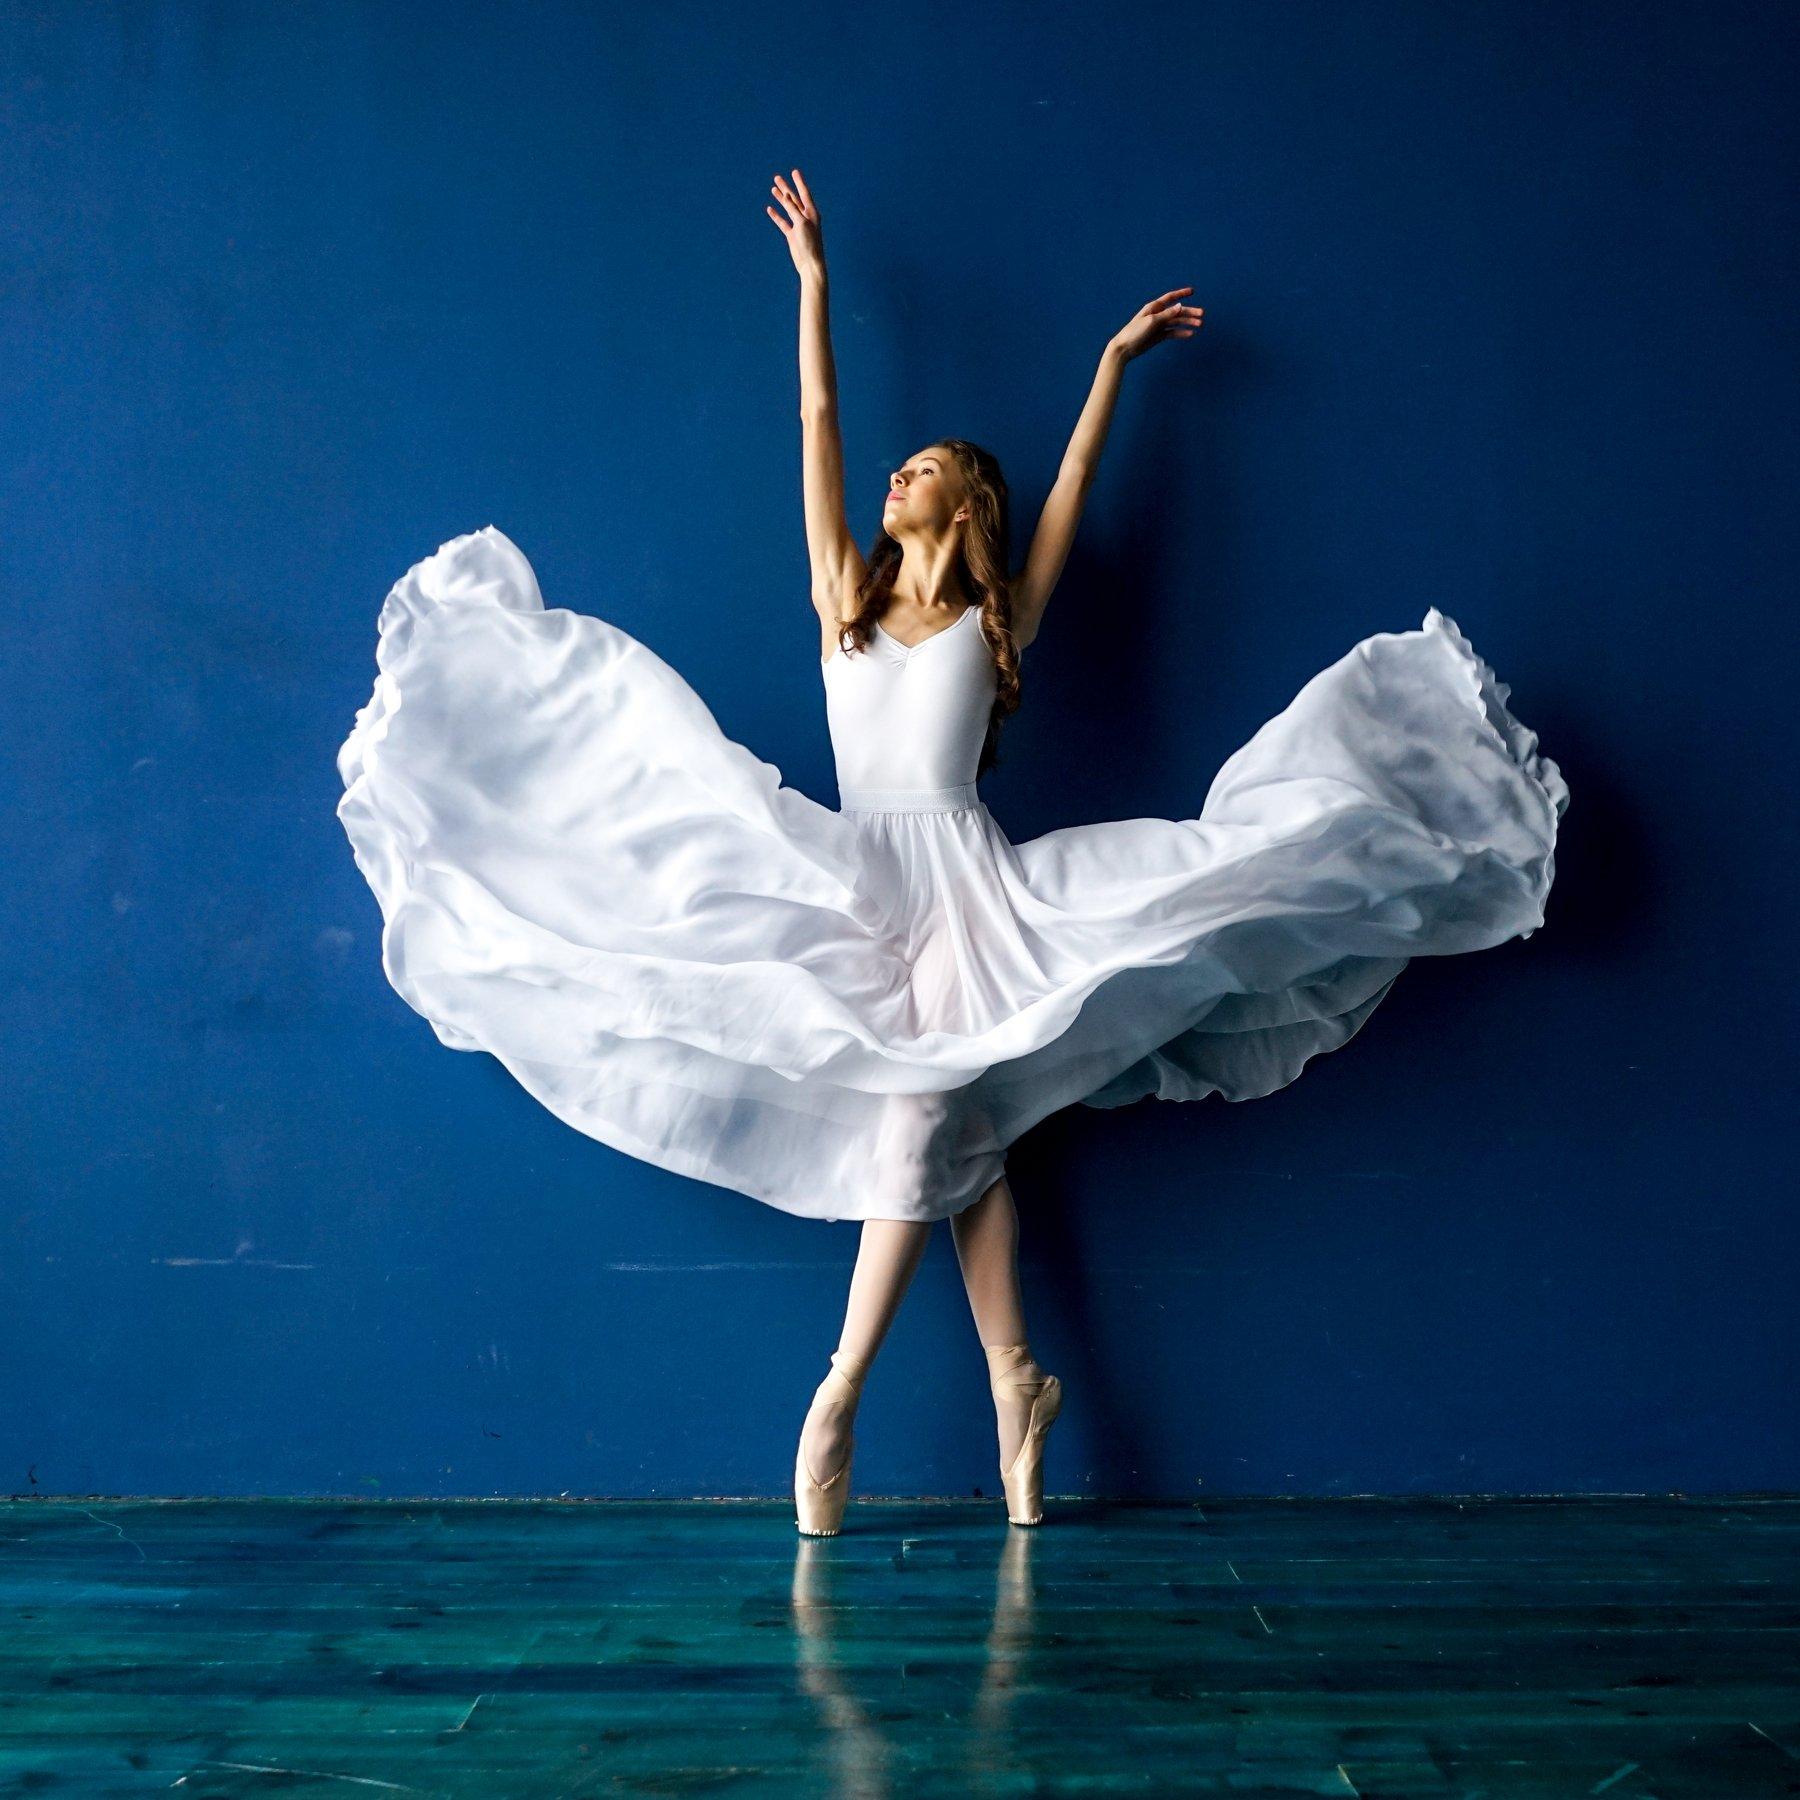 балет, балерина, студия, цвет, синий, платье, шифон, артист, танец, Анна